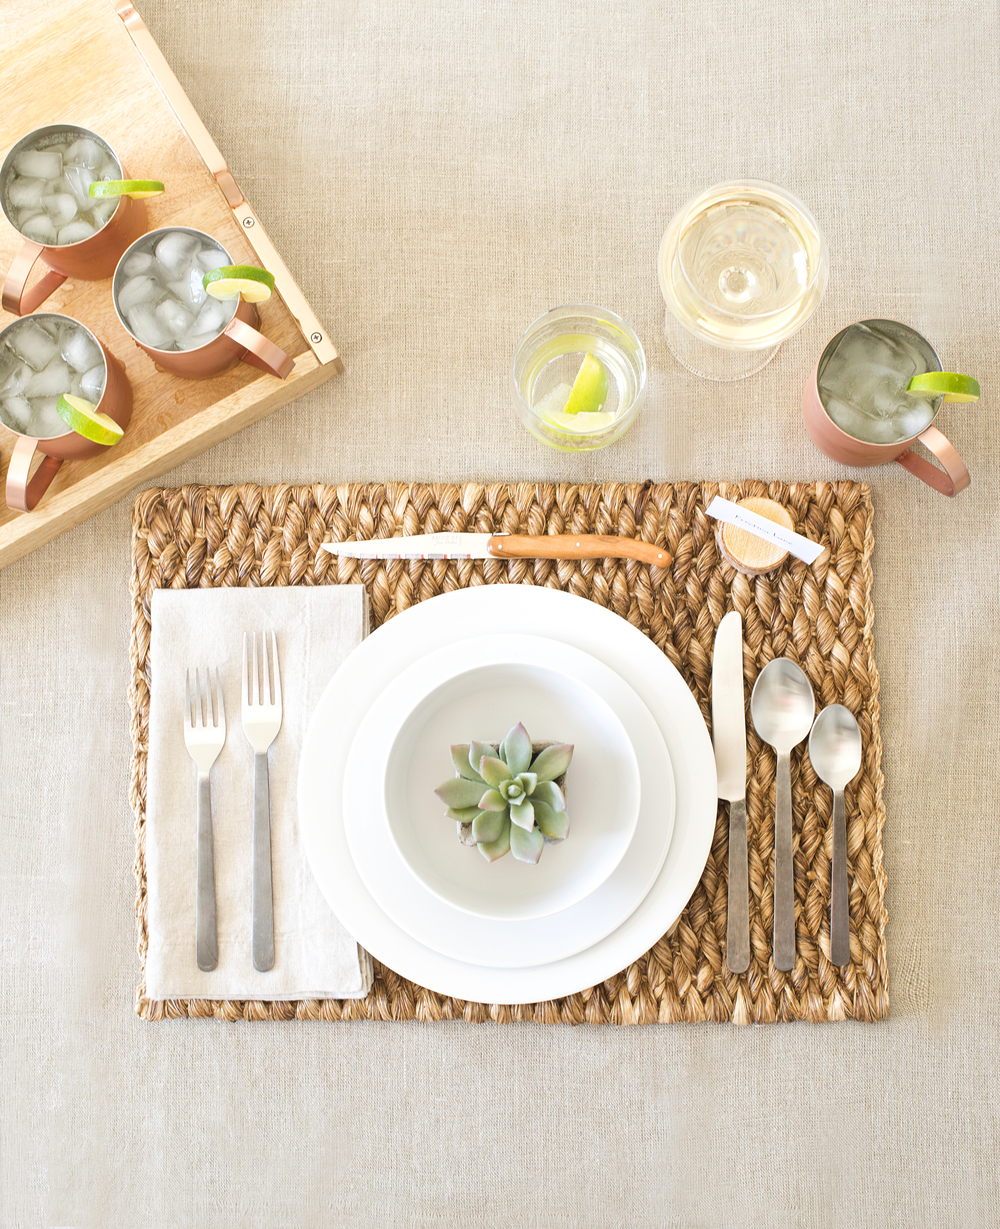 Crate & Barrel's Aspen Dinnerware 3 Ways- Rustic Table Setting